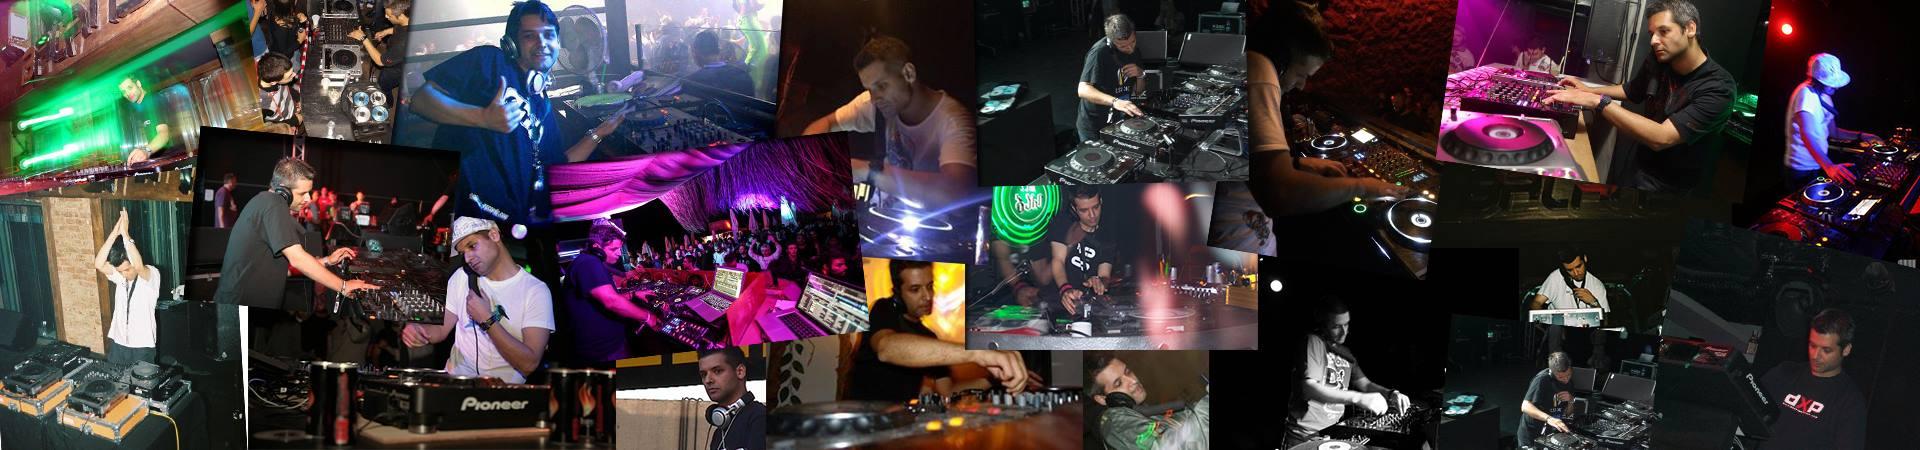 ünlü DJ Mert Yücel